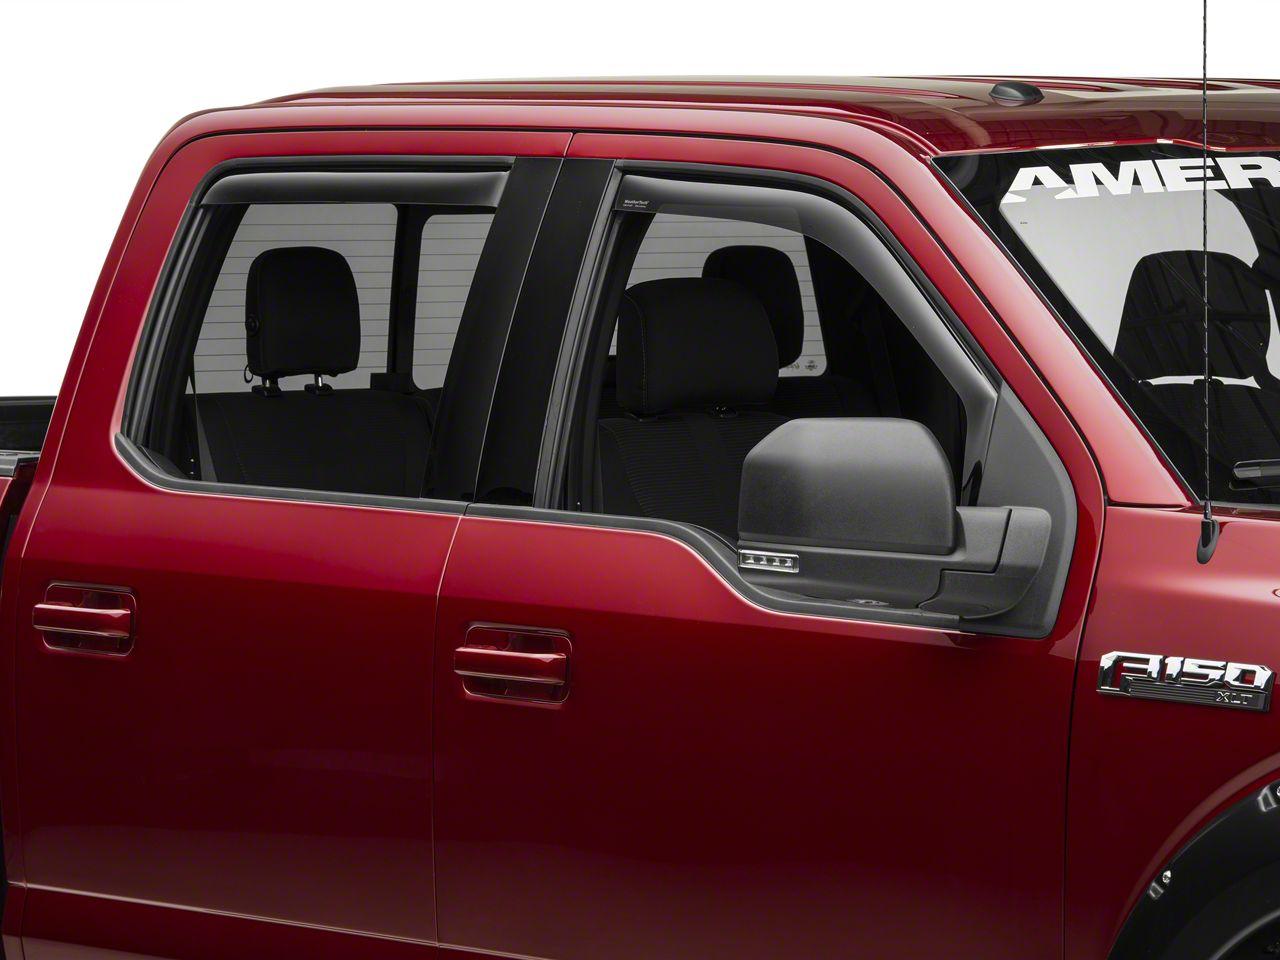 Weathertech Front & Rear Side Window Deflectors - Dark Smoke (15-19 F-150 SuperCrew)